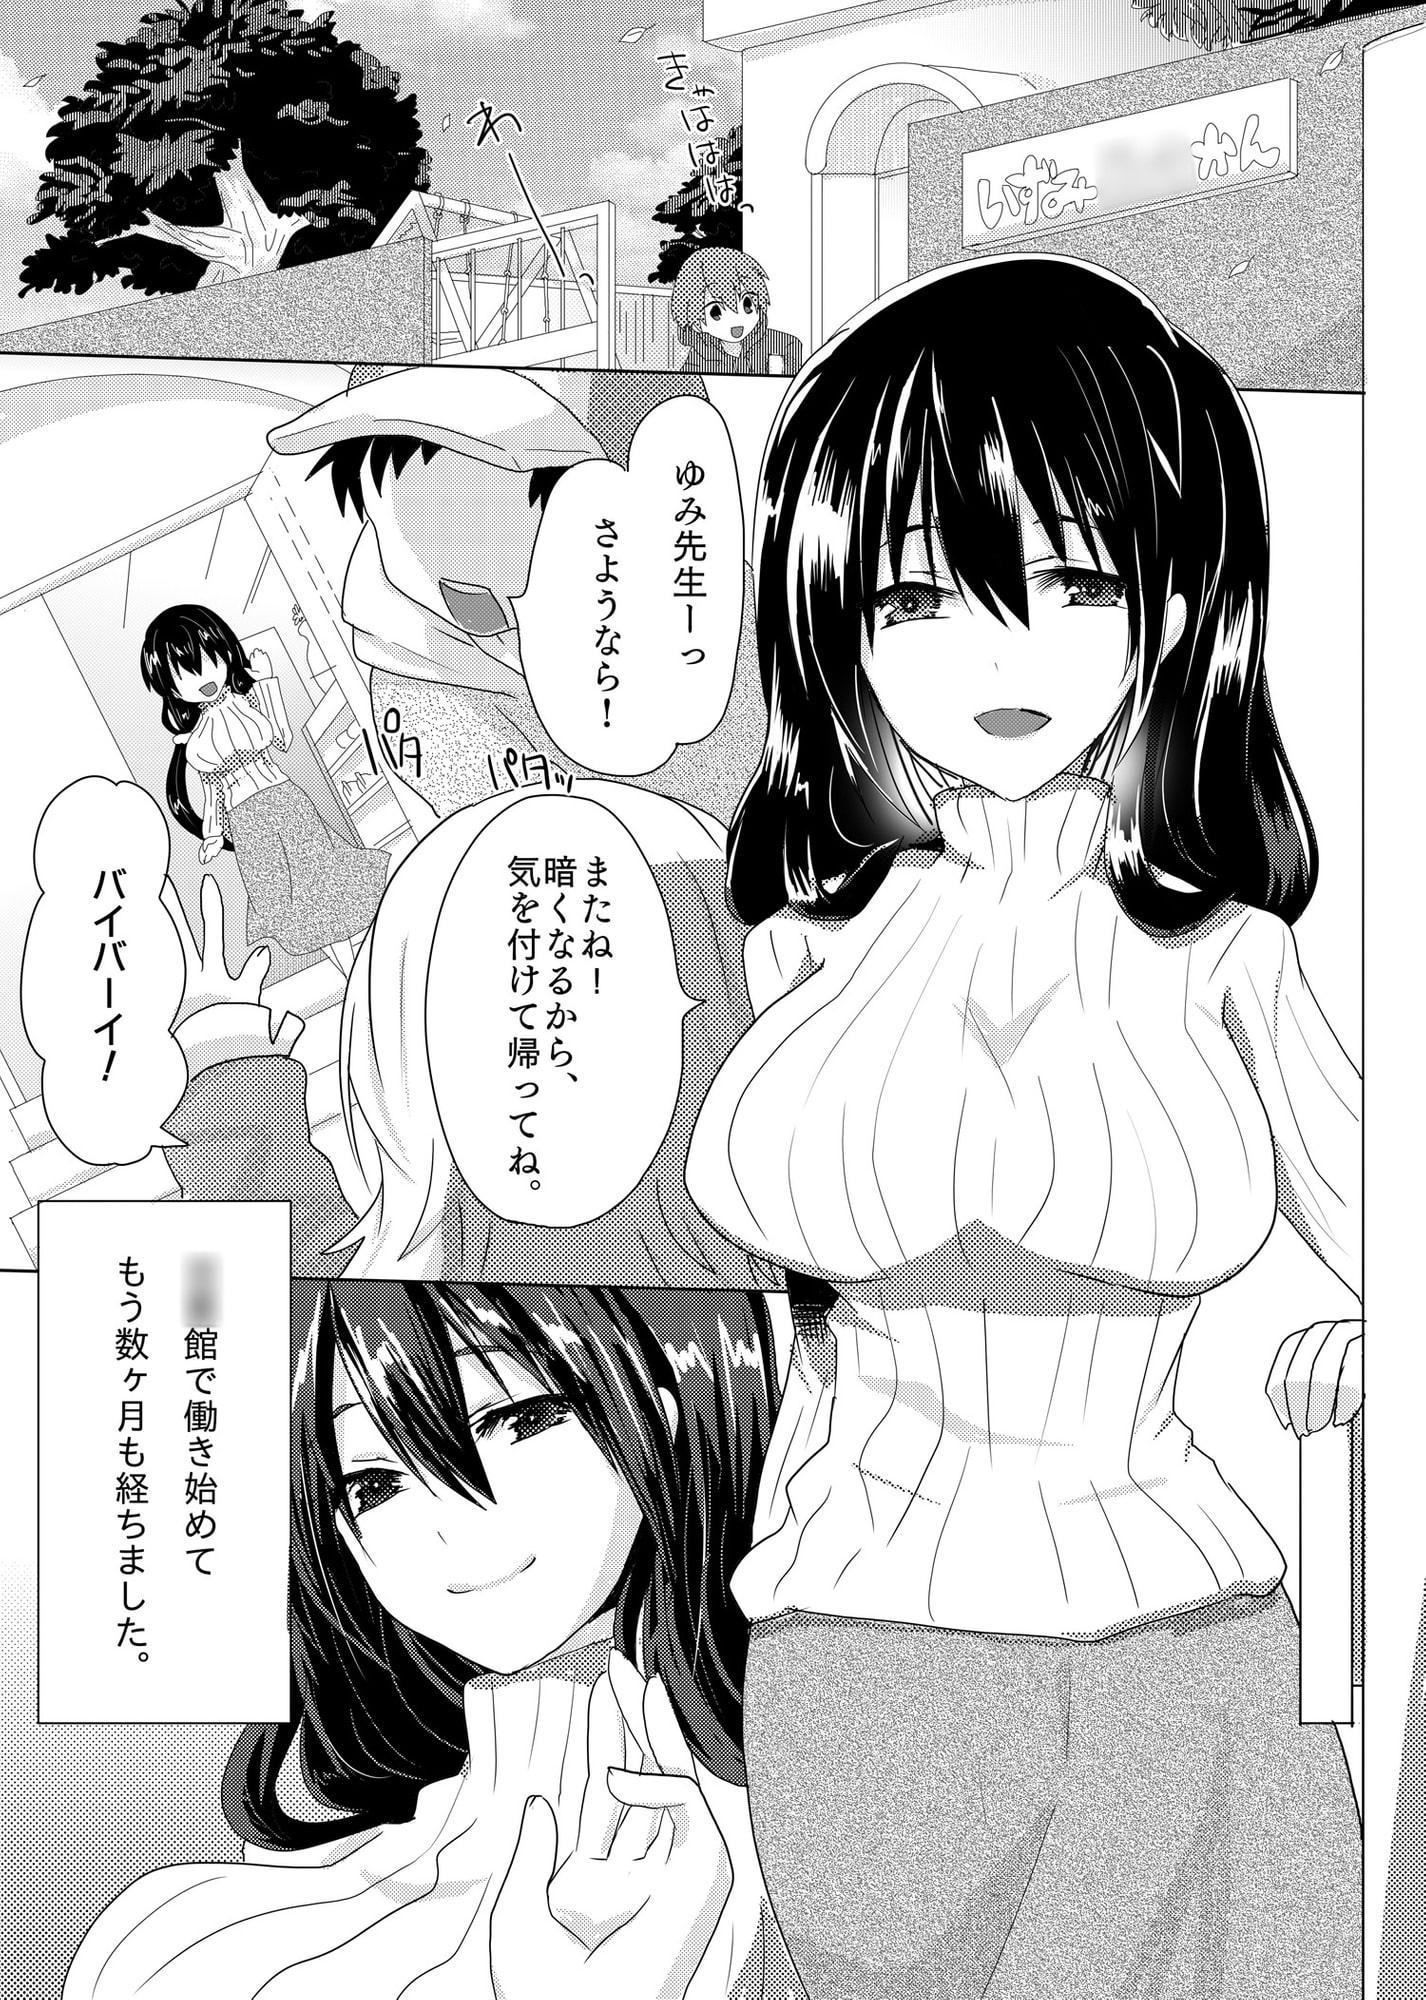 RJ325775 ゆみ先生のなやみごと [20210429]